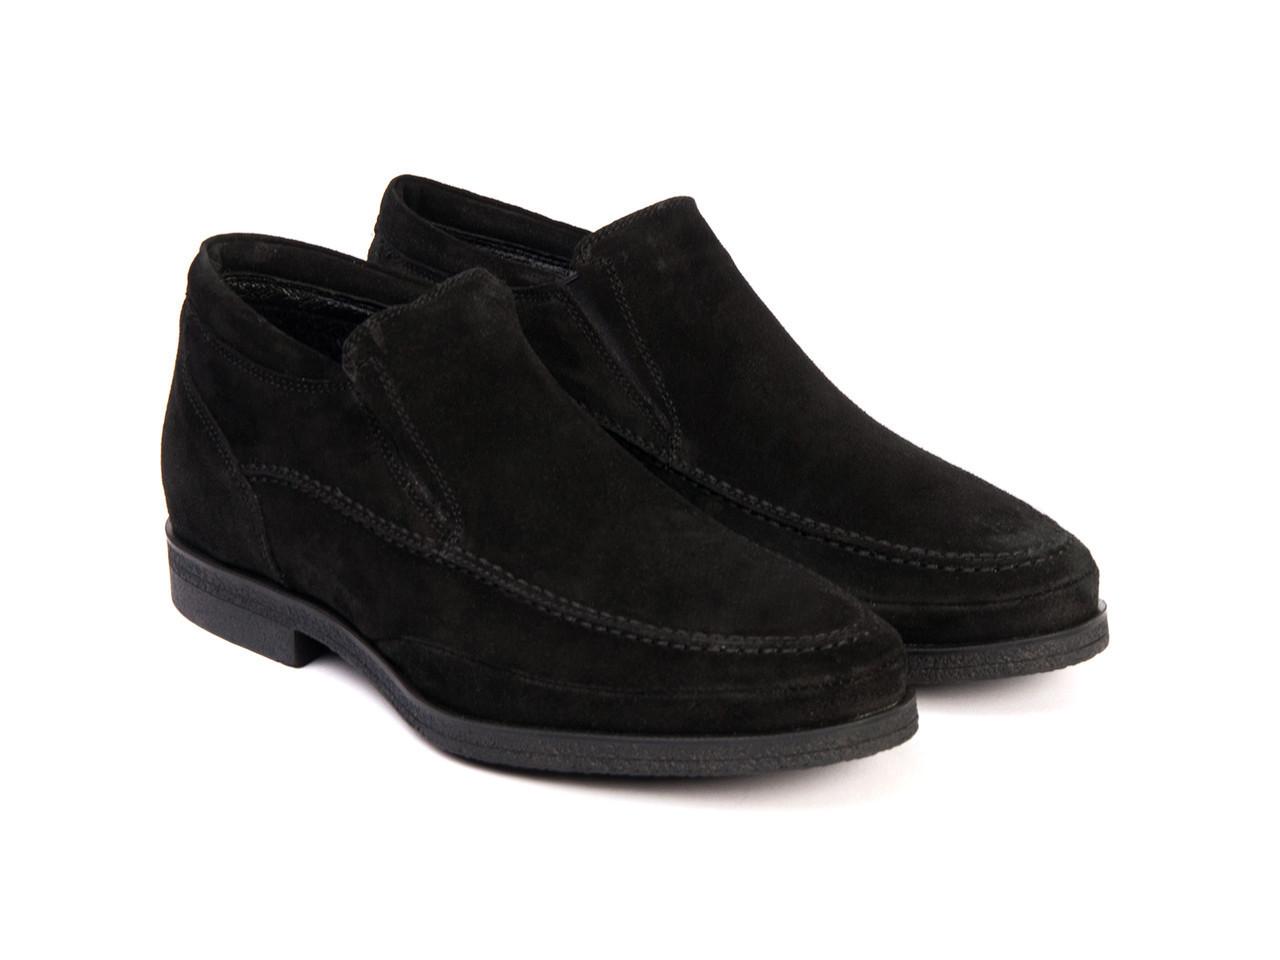 Ботинки Etor 6419-606-060 42 черные